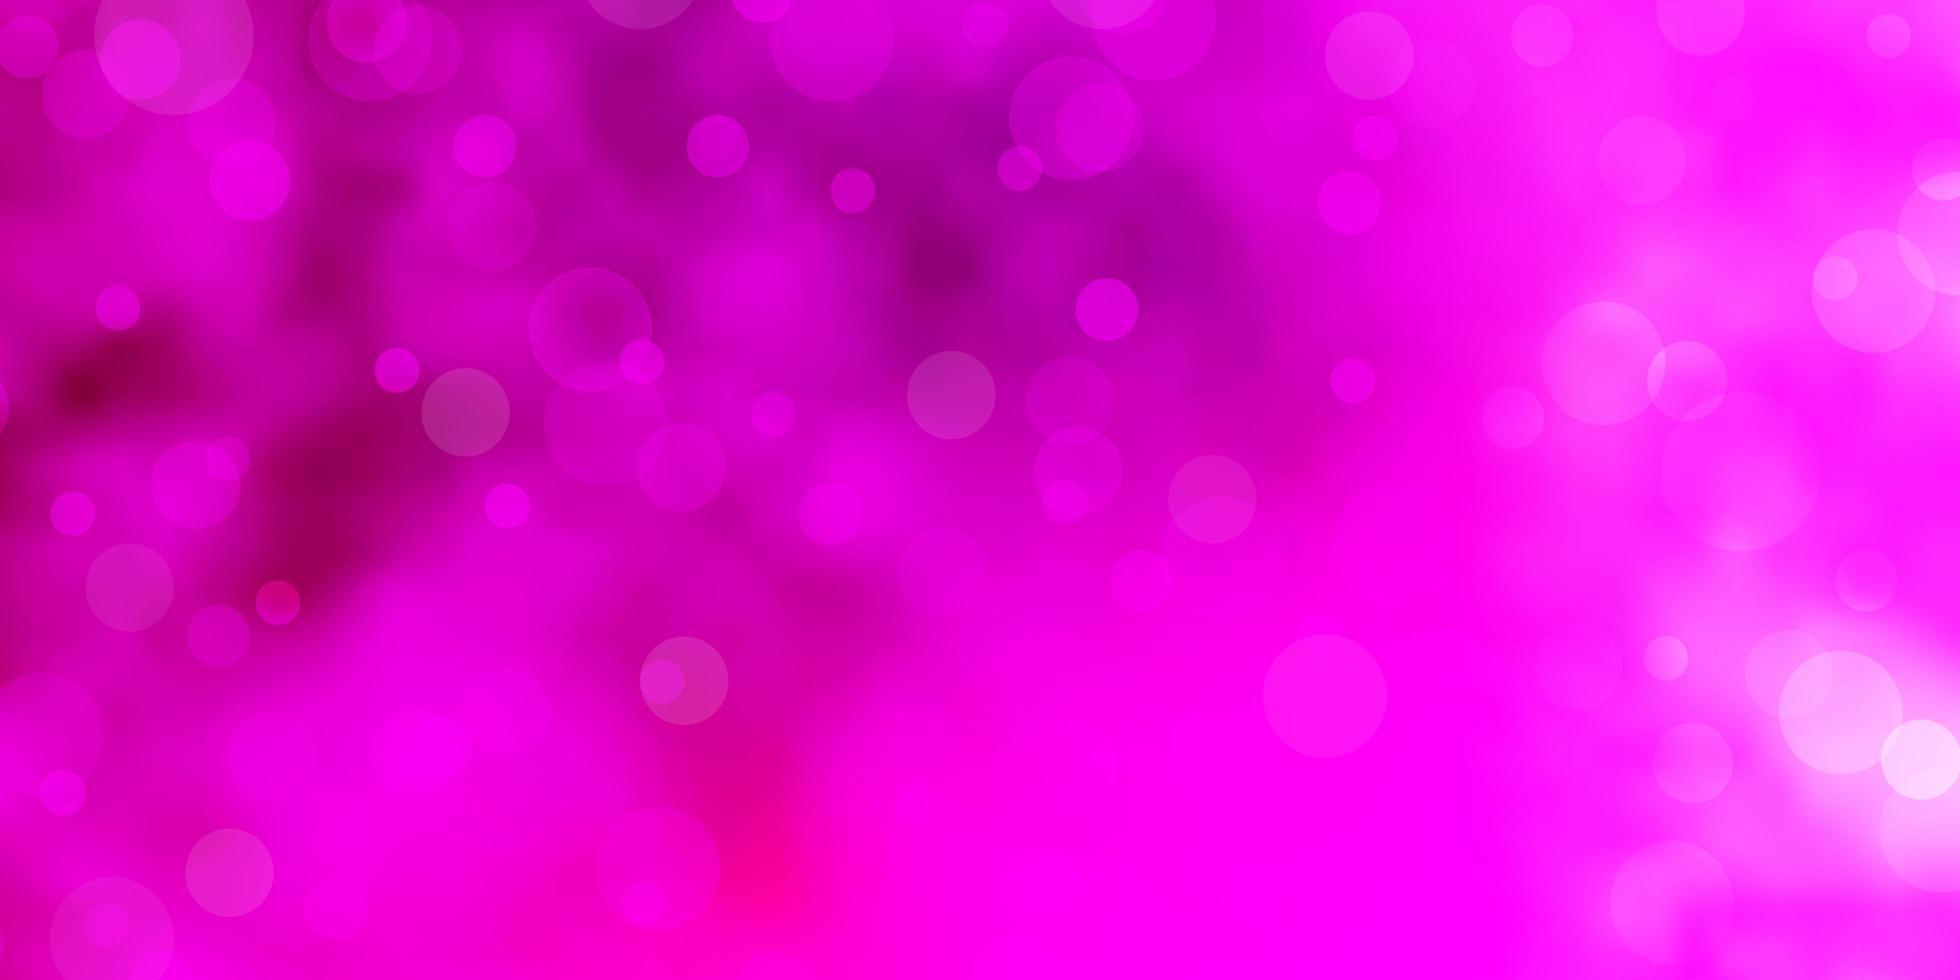 layout rosa claro com formas de círculo. vetor